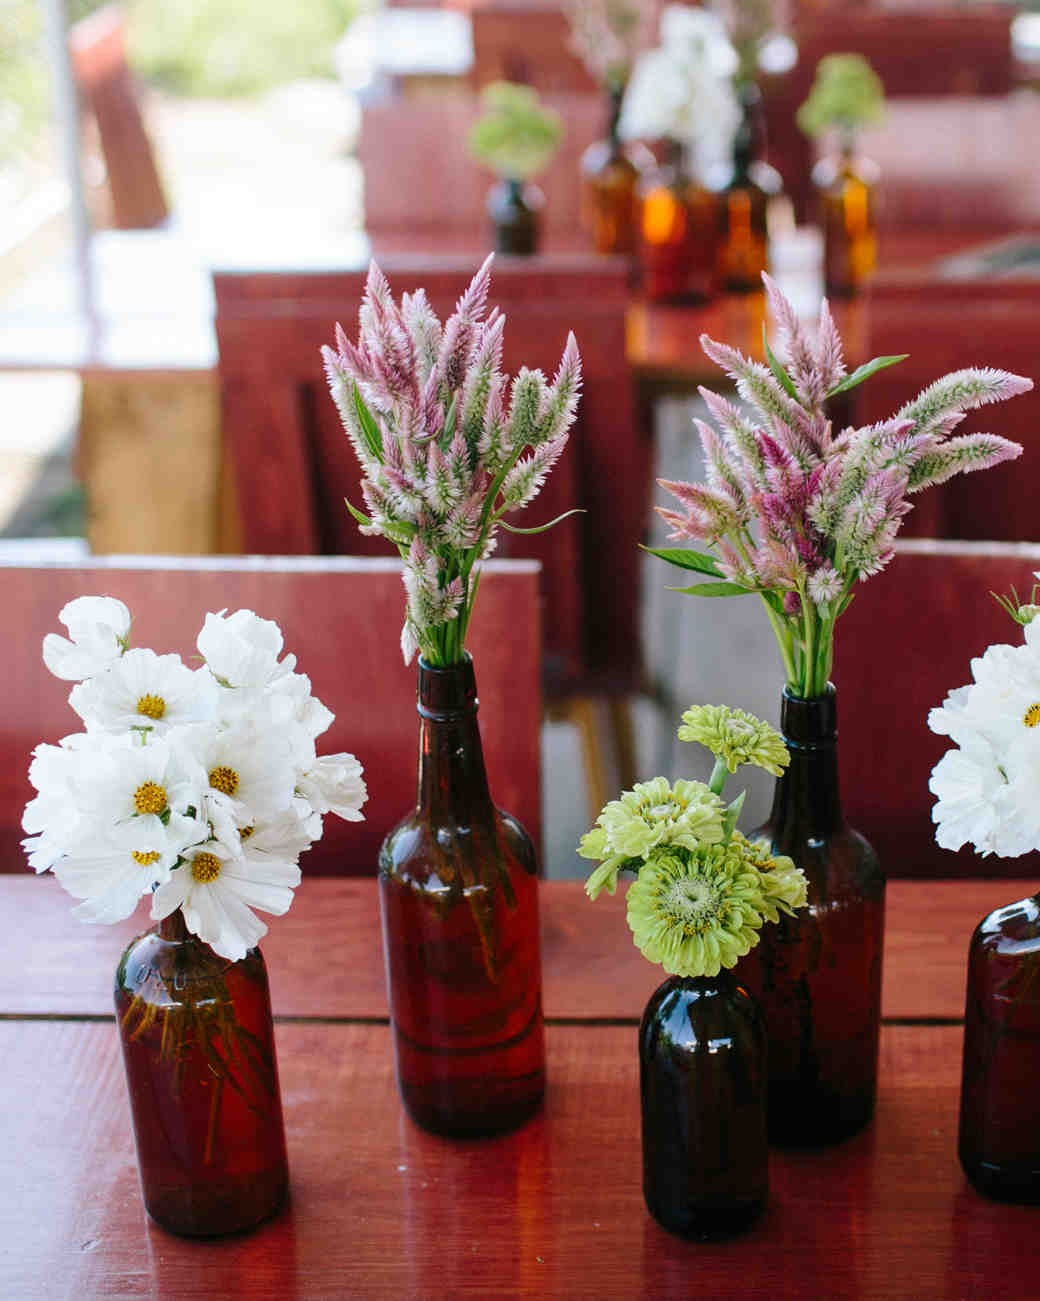 kristen-jonathan-welcome-flowers-1314-s112193-1015.jpg